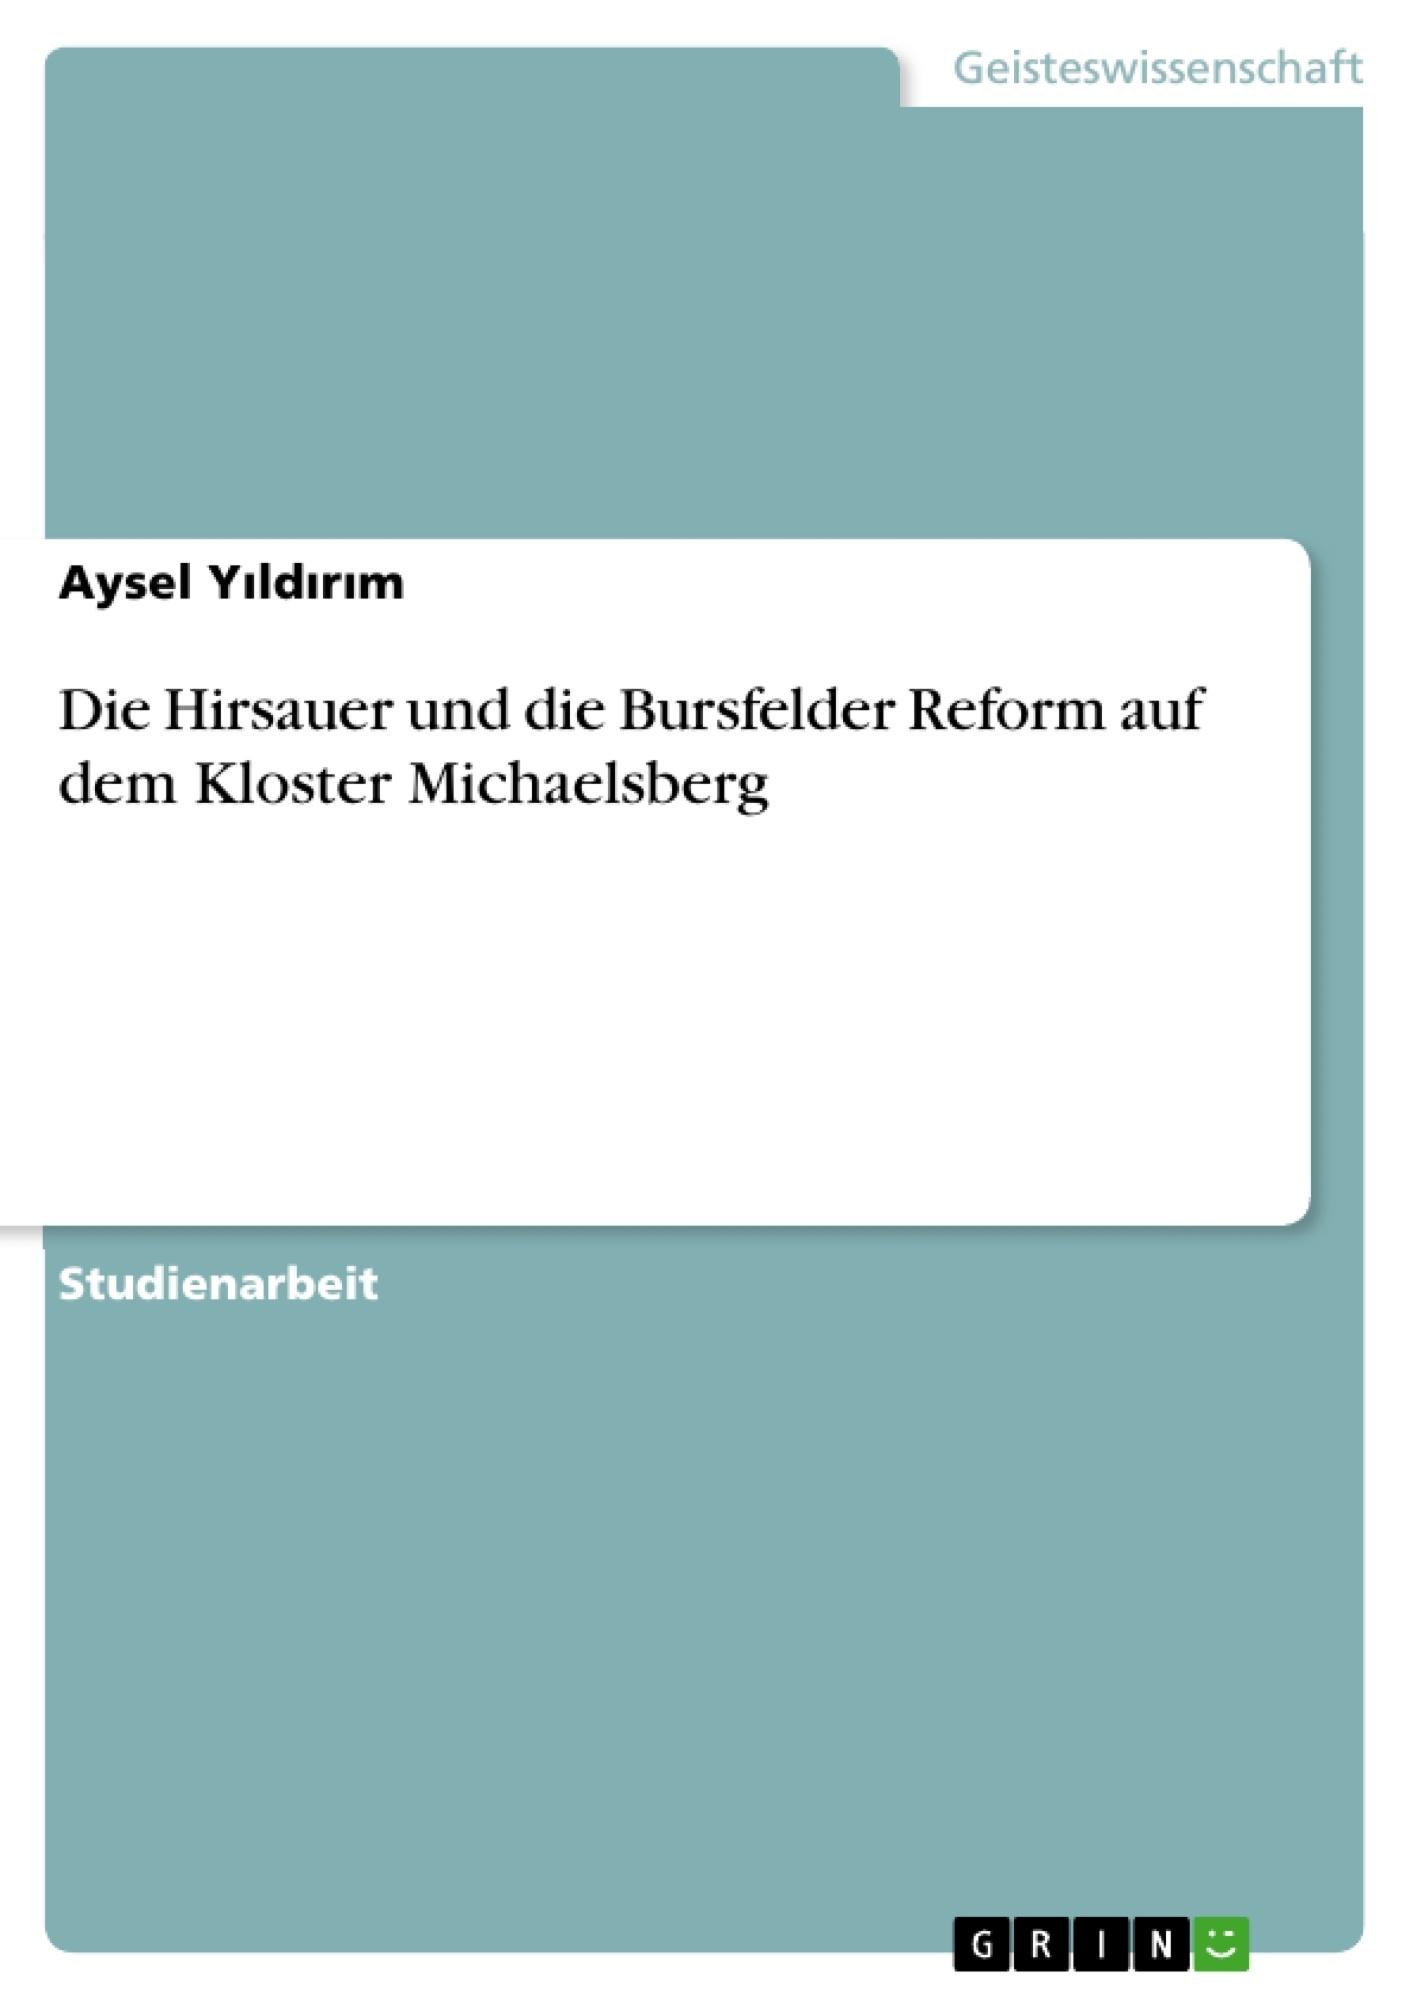 Titel: Die Hirsauer und die Bursfelder Reform auf dem Kloster Michaelsberg